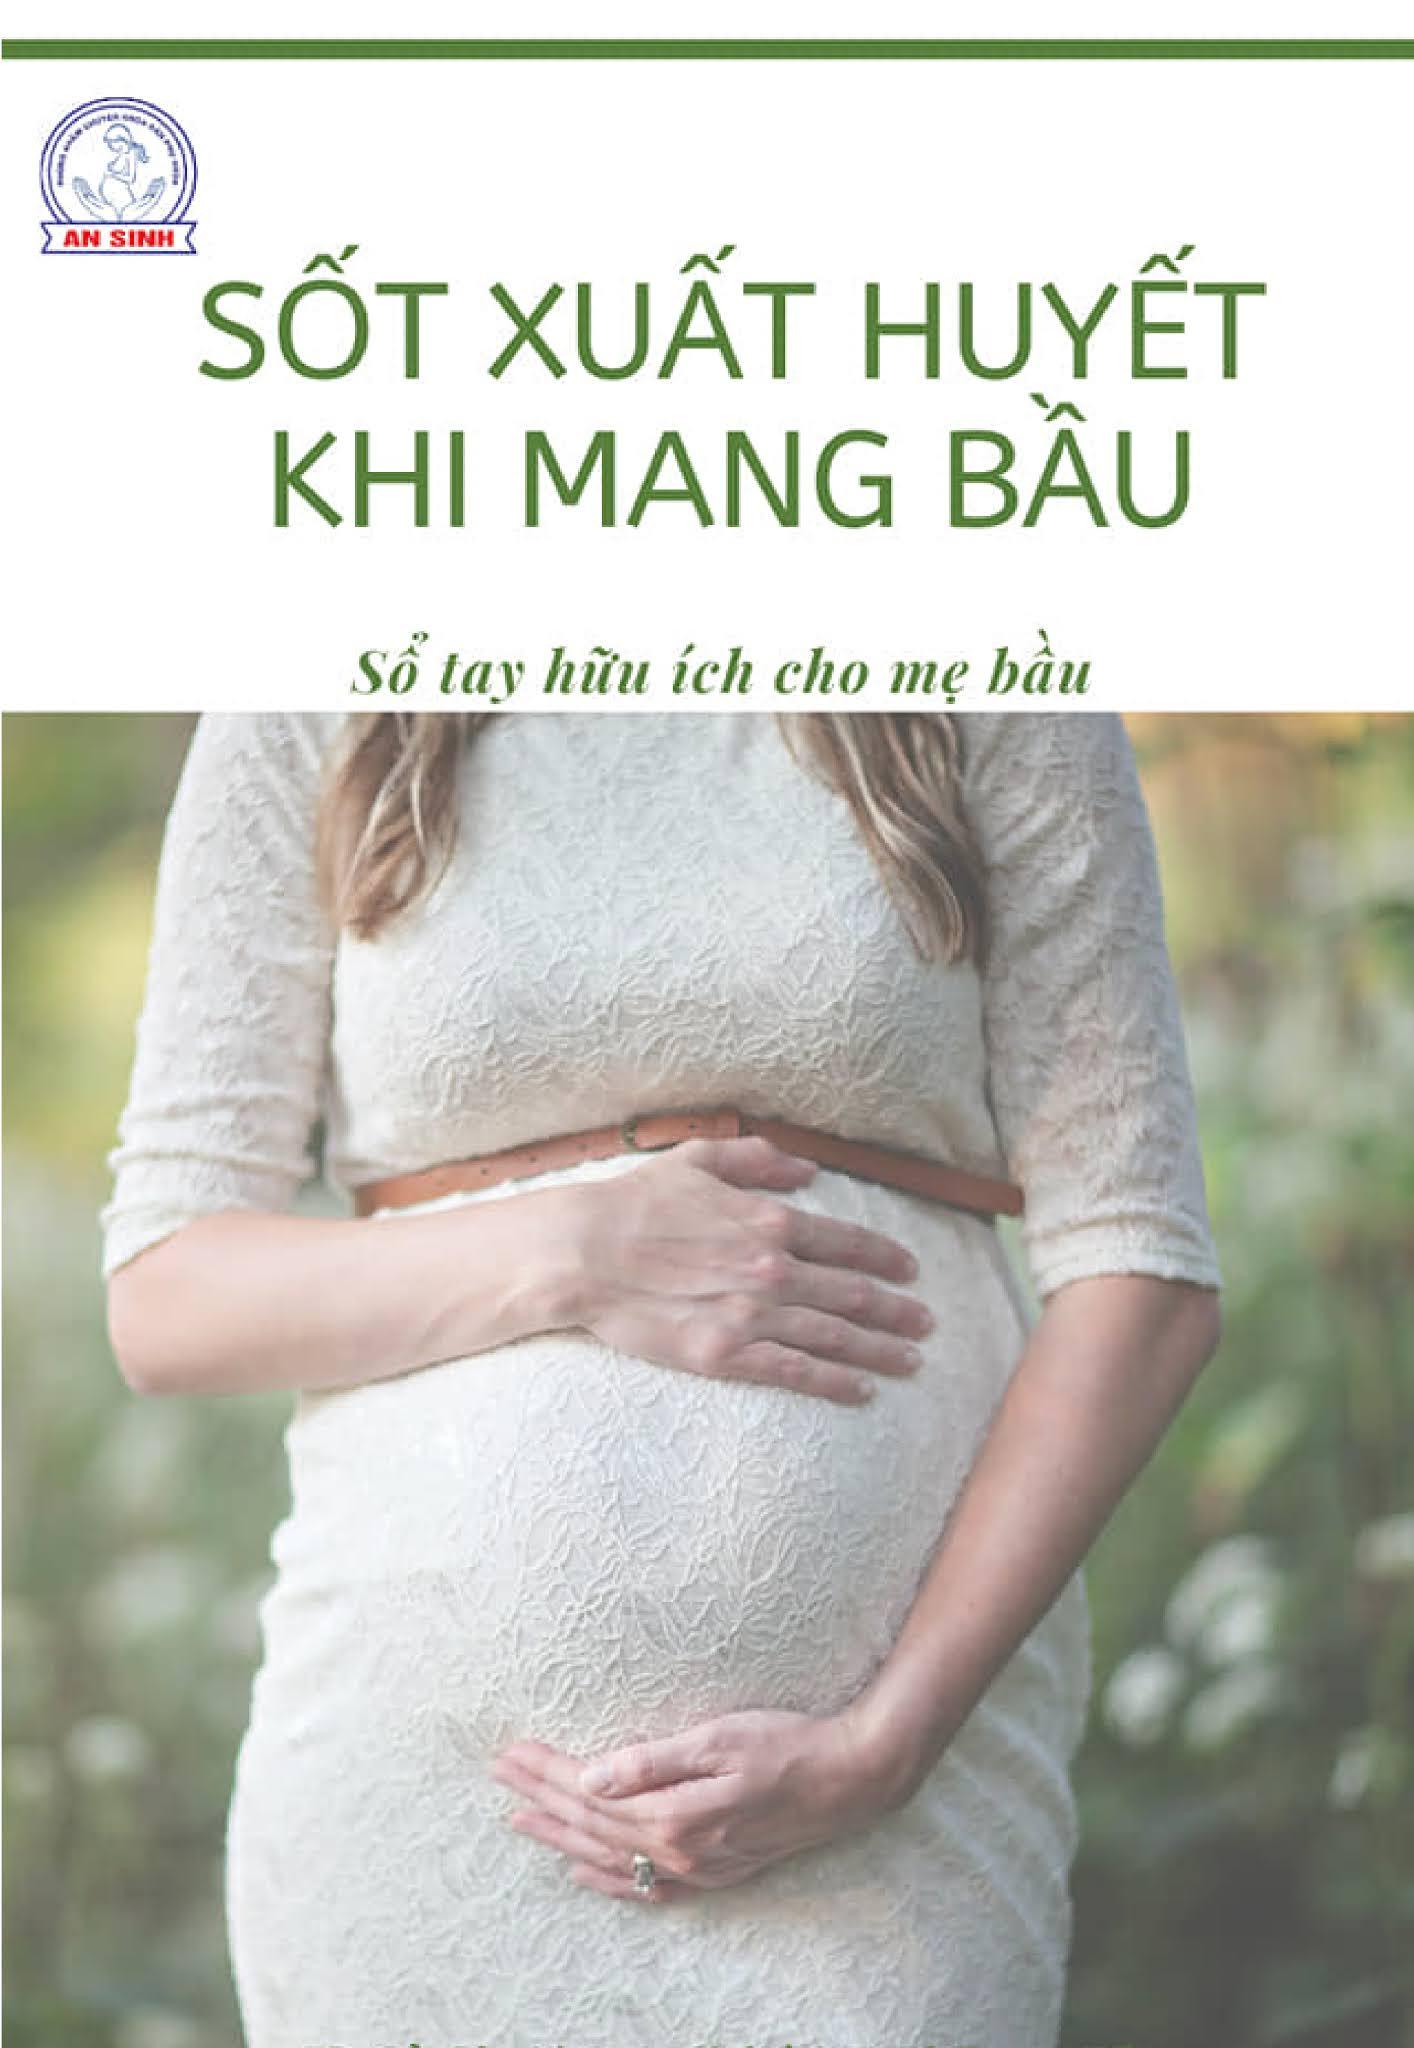 Sốt xuất huyết khi mang thai nguy hiểm cho mẹ bầu như thế nào?